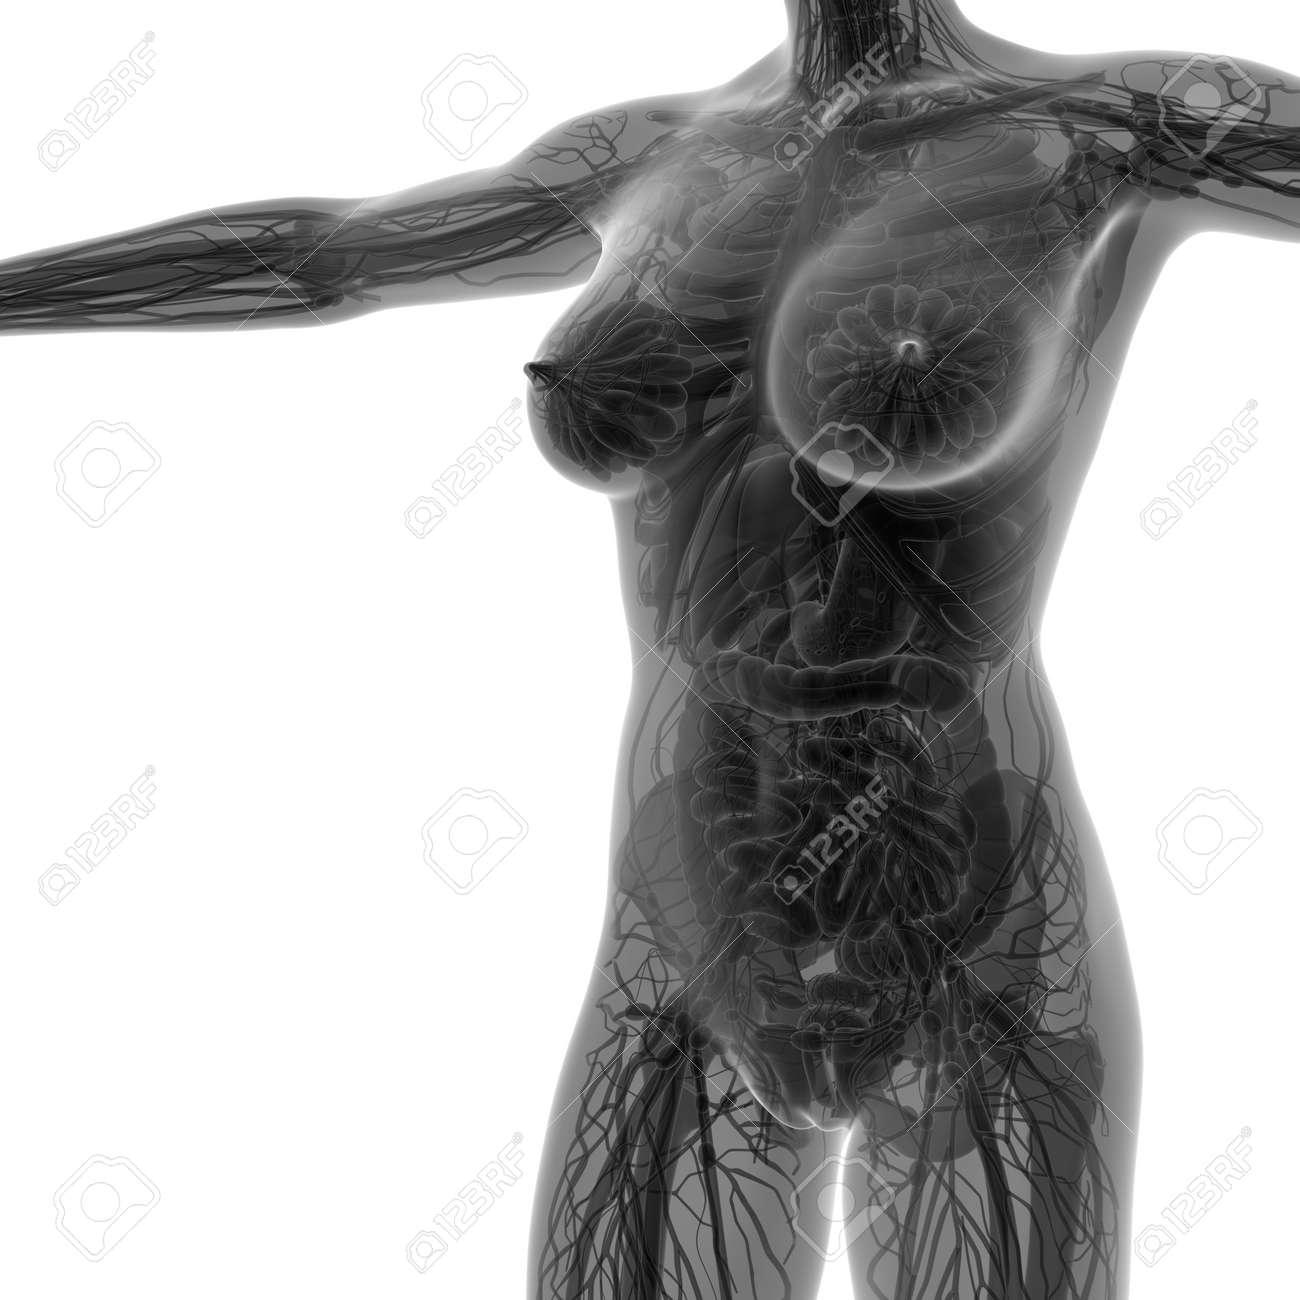 Wissenschaft Anatomie Des Menschlichen Körpers In X-ray Mit Allen ...